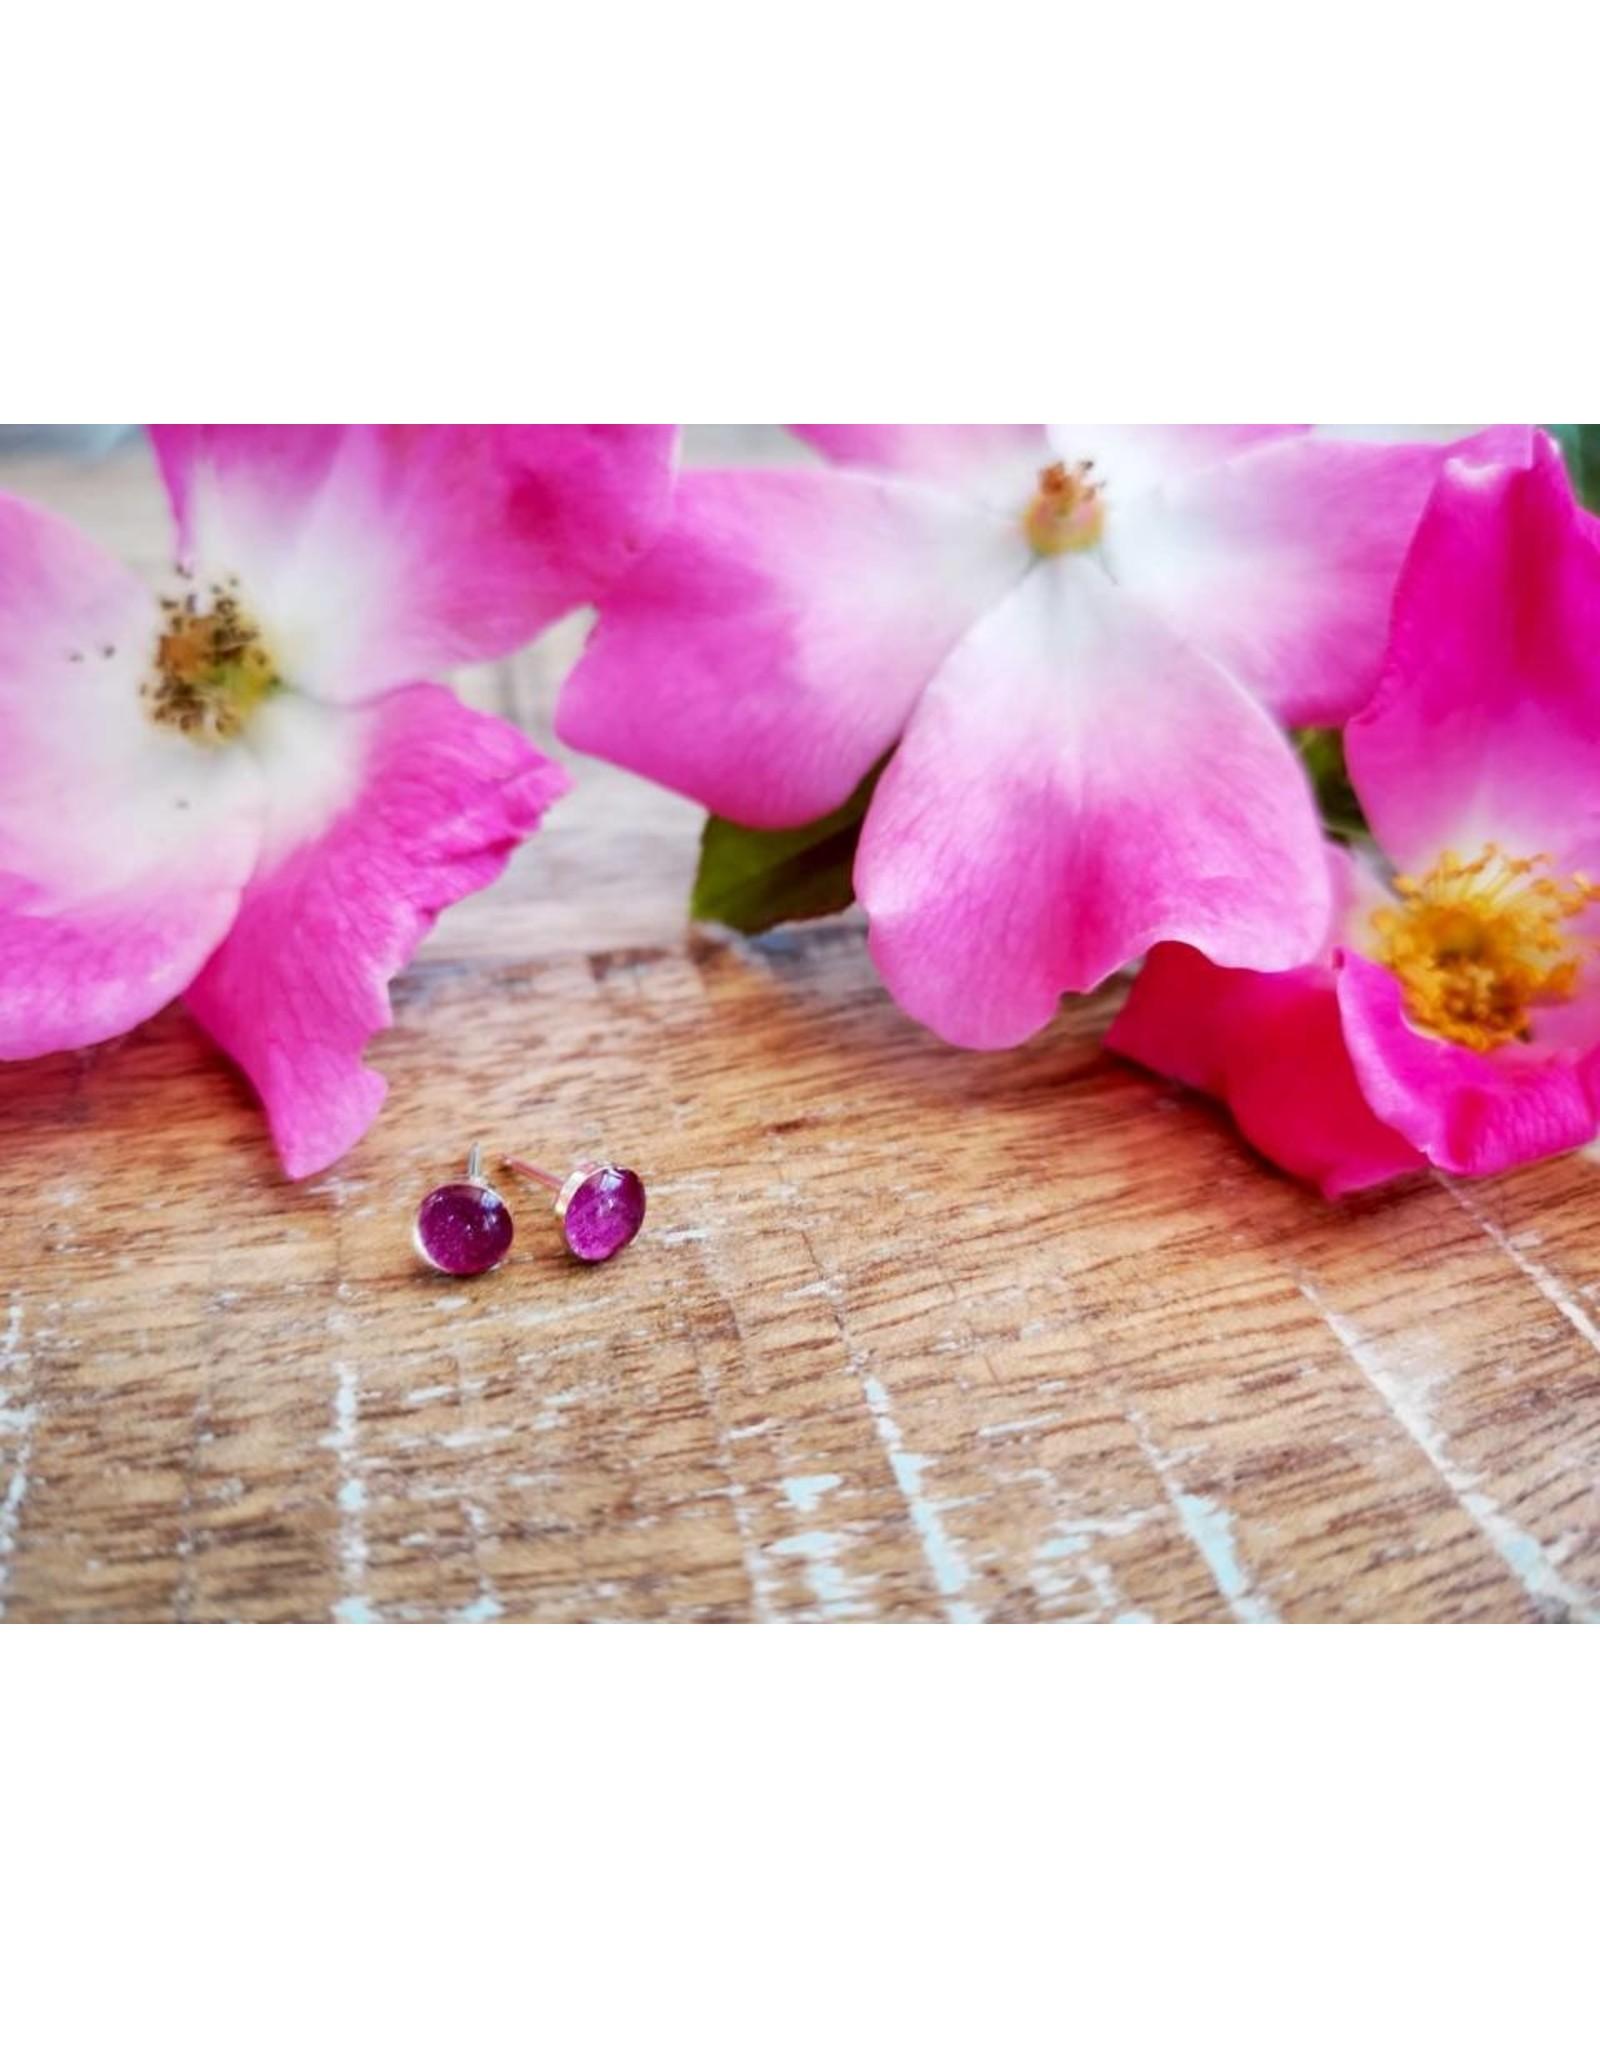 Boucles d'Oreilles Argent 4mm Rose Sauvage d'Alberta  - AB0504S